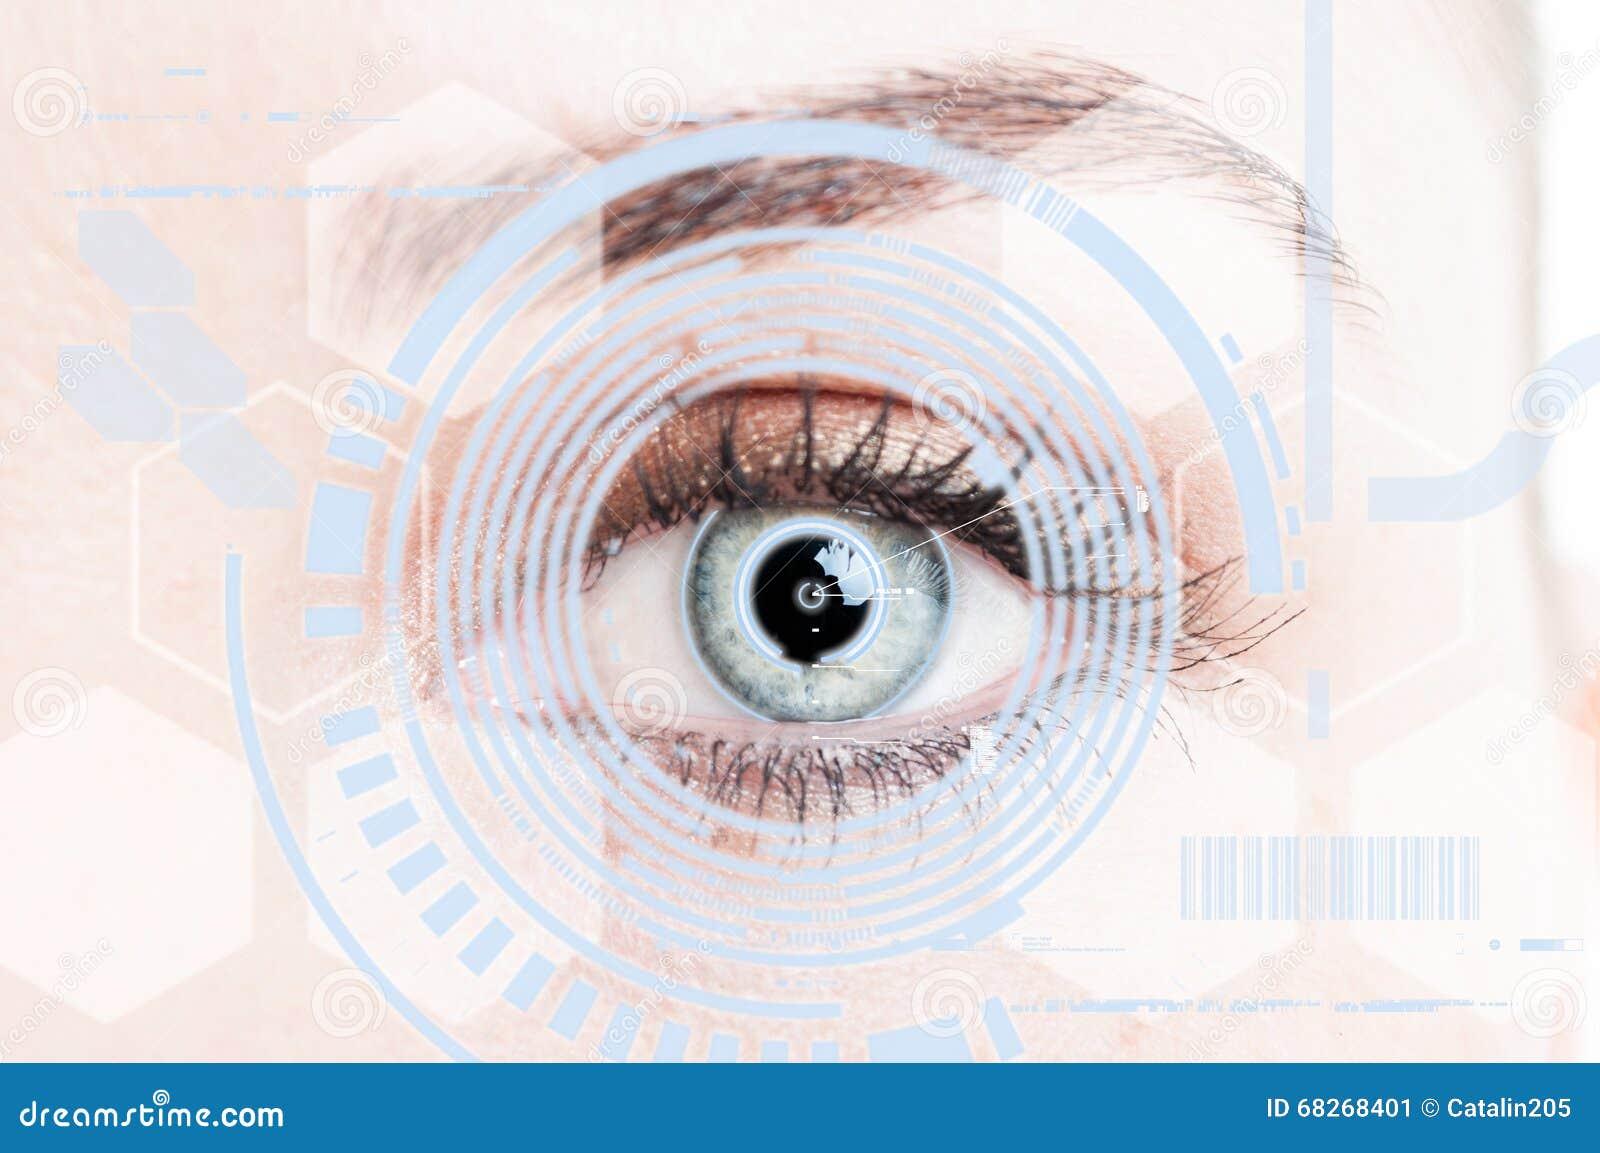 Närbildöga med digitalt näthinneskydd